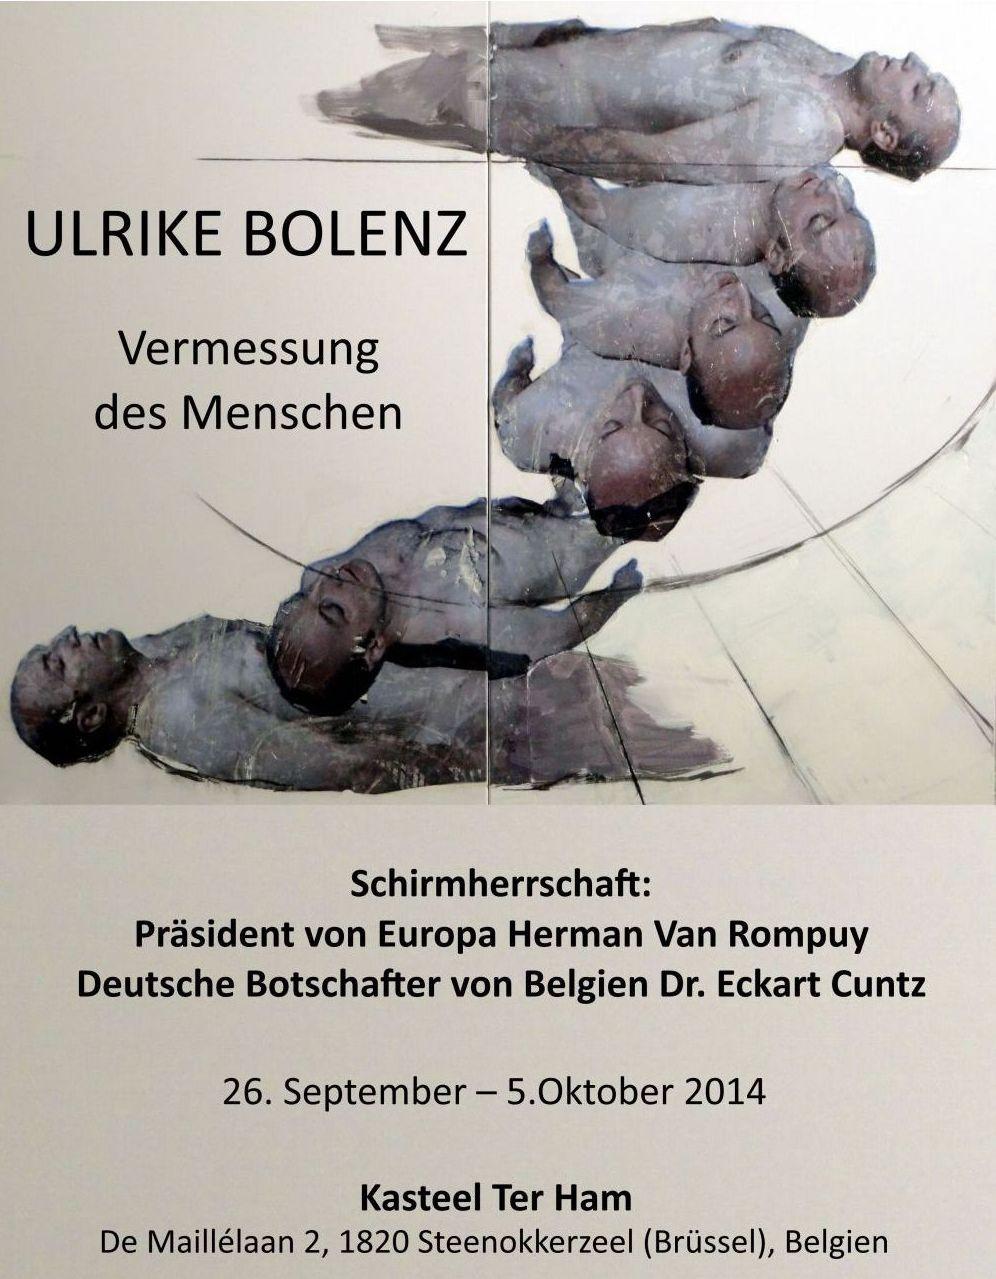 Schirherrschfat: Präsident von Europa Herman Van Rompuy und Botschafter Dr. Eckart Cuntz